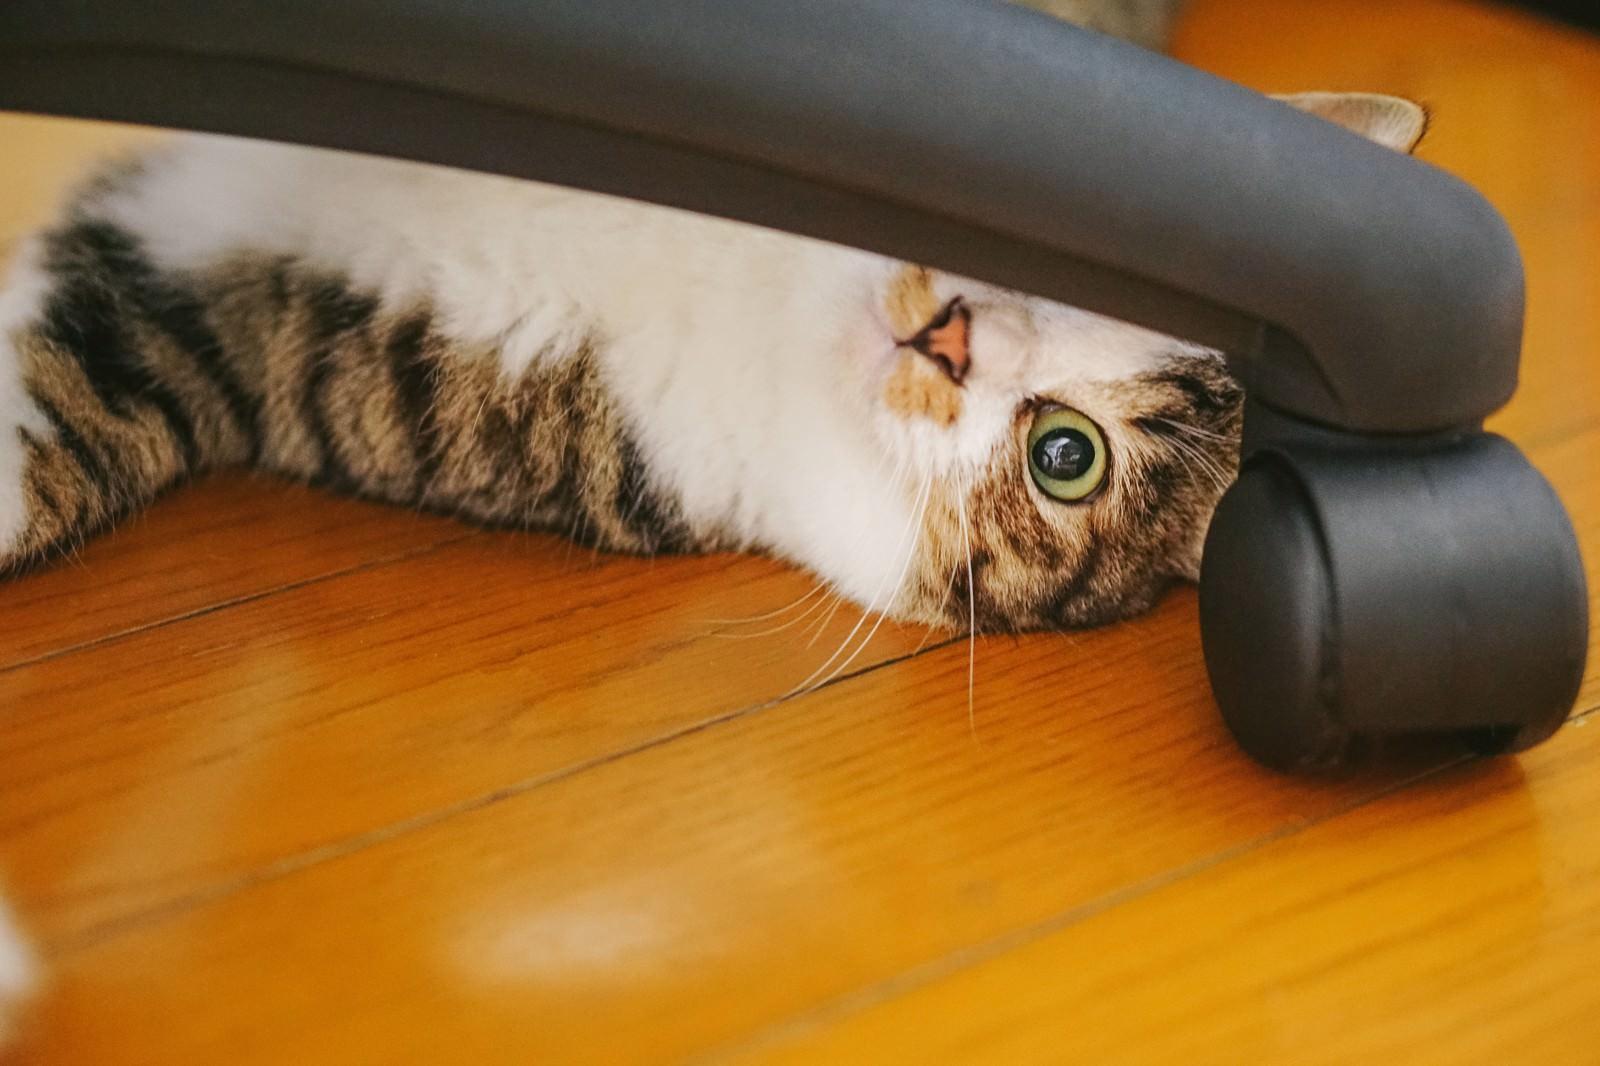 「椅子の脚の隙間から覗き込む猫」の写真